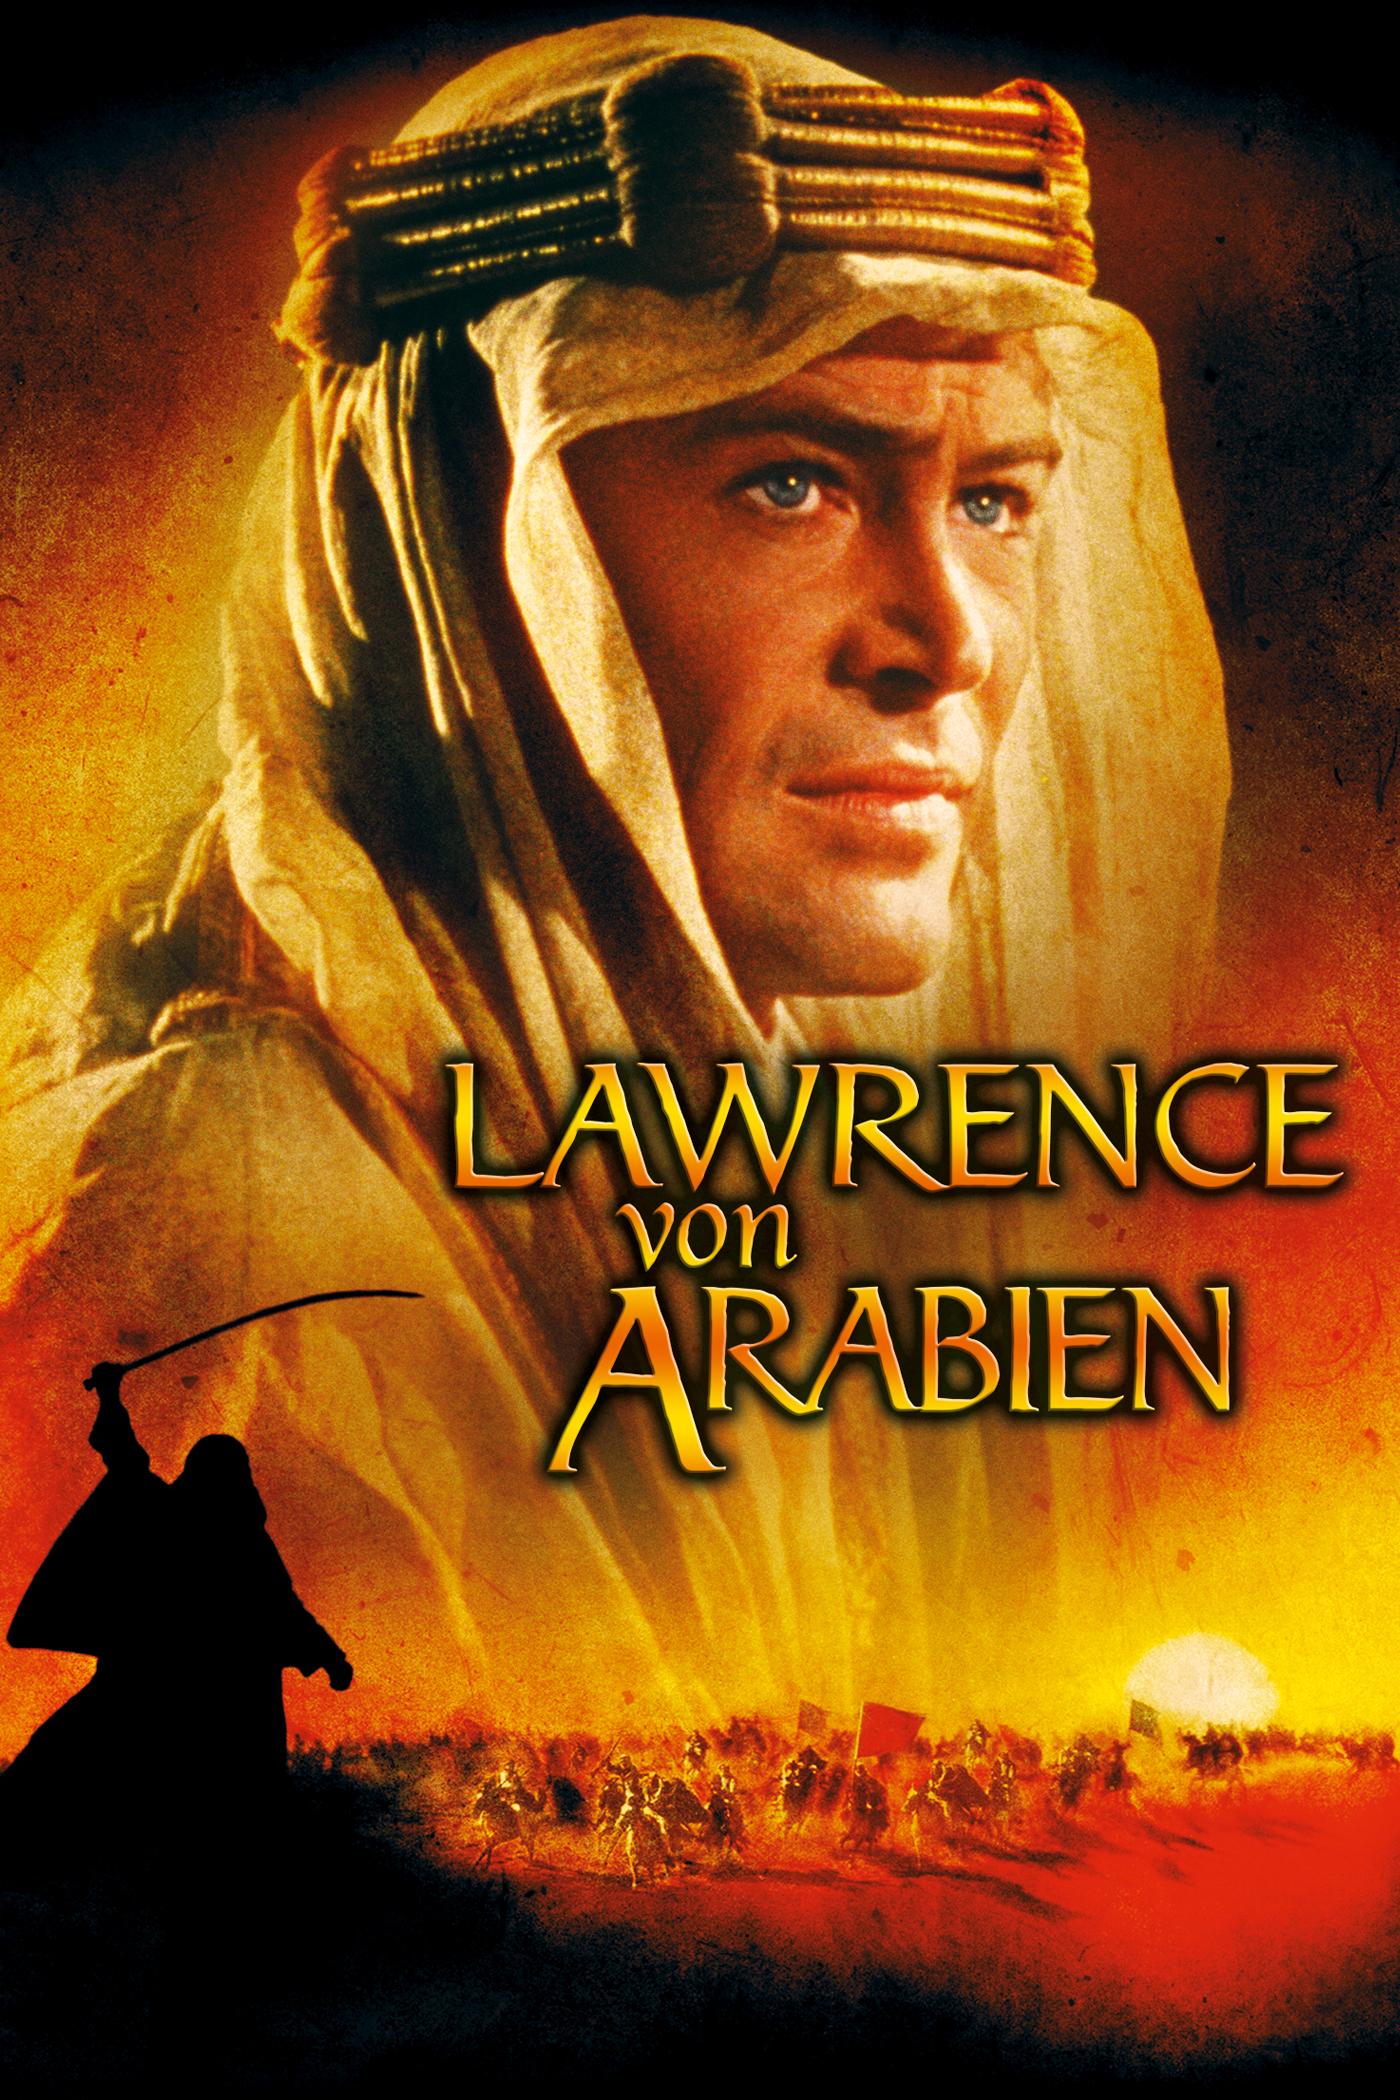 Lawrence von Arabien (Restauriert) stream